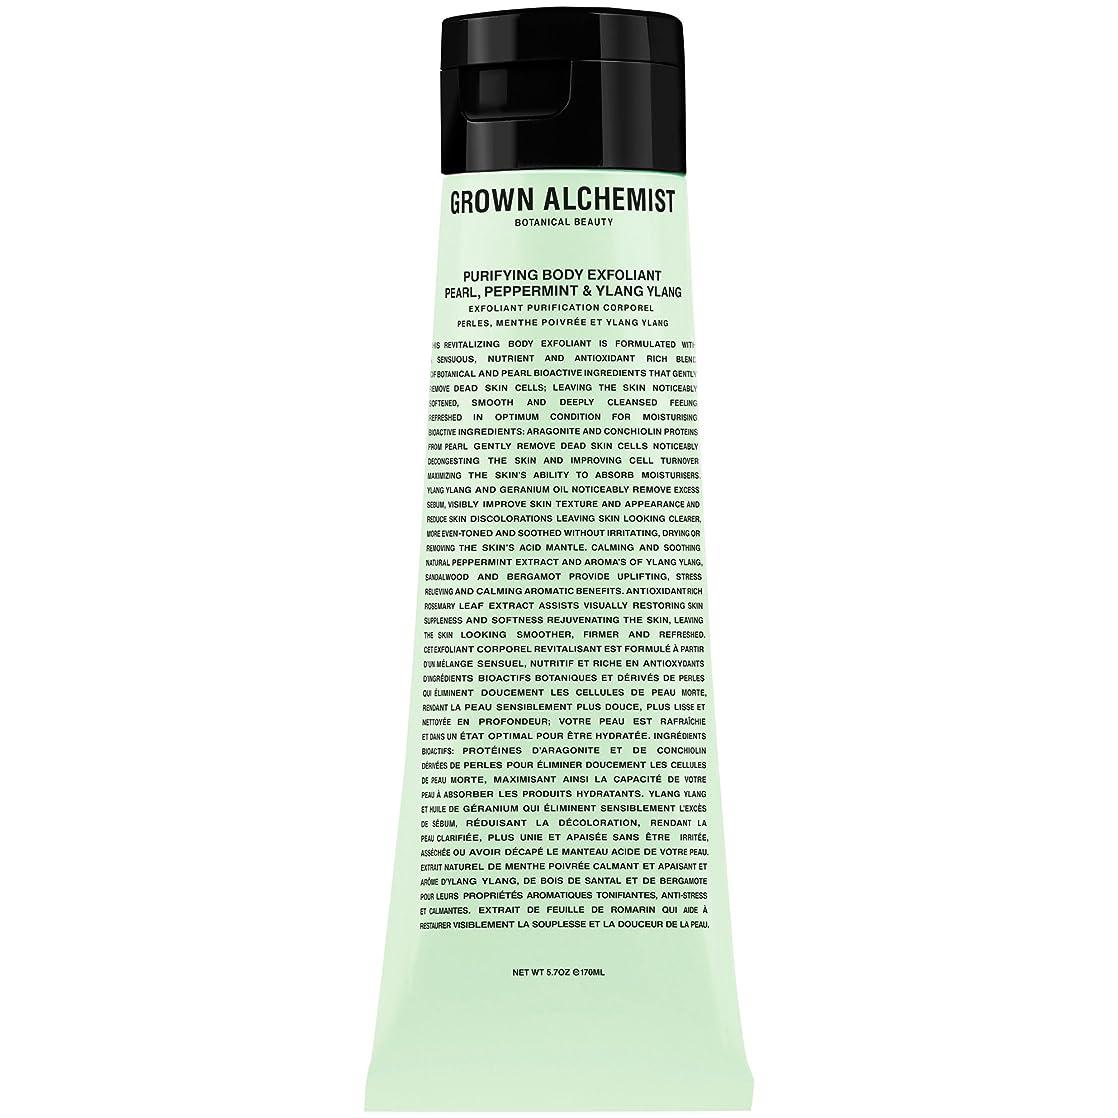 解任キャラバン切断する成長した錬金術師浄化体剥脱真珠ペパーミント&イランイラン170ミリリットル (Grown Alchemist) (x2) - Grown Alchemist Purifying Body Exfoliant Pearl Peppermint & Ylang Ylang 170ml (Pack of 2) [並行輸入品]